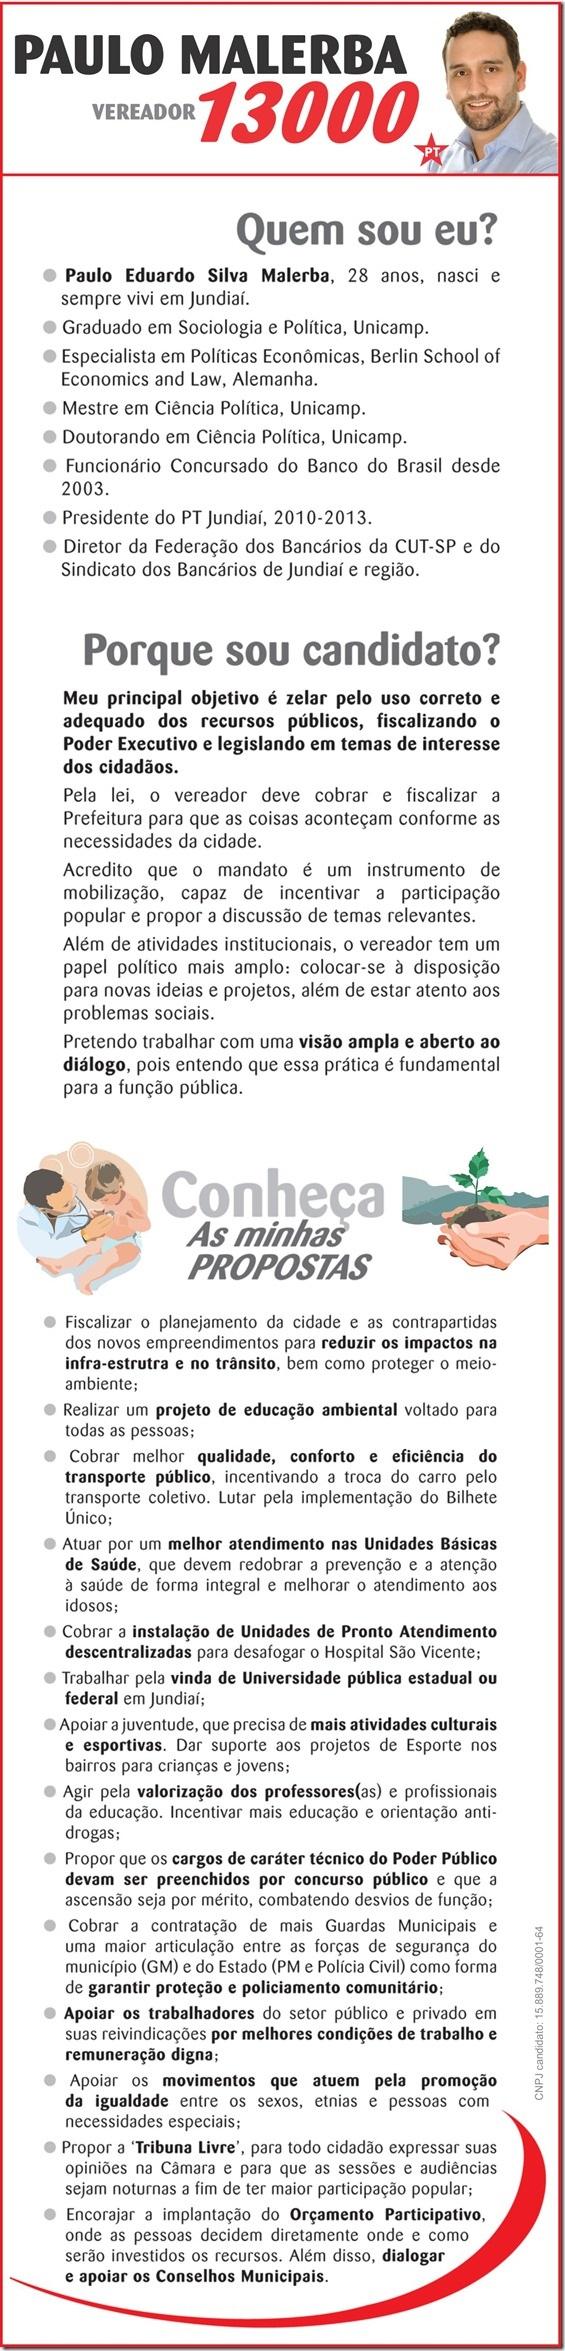 01 Material Campanha 2012 (2).jpg